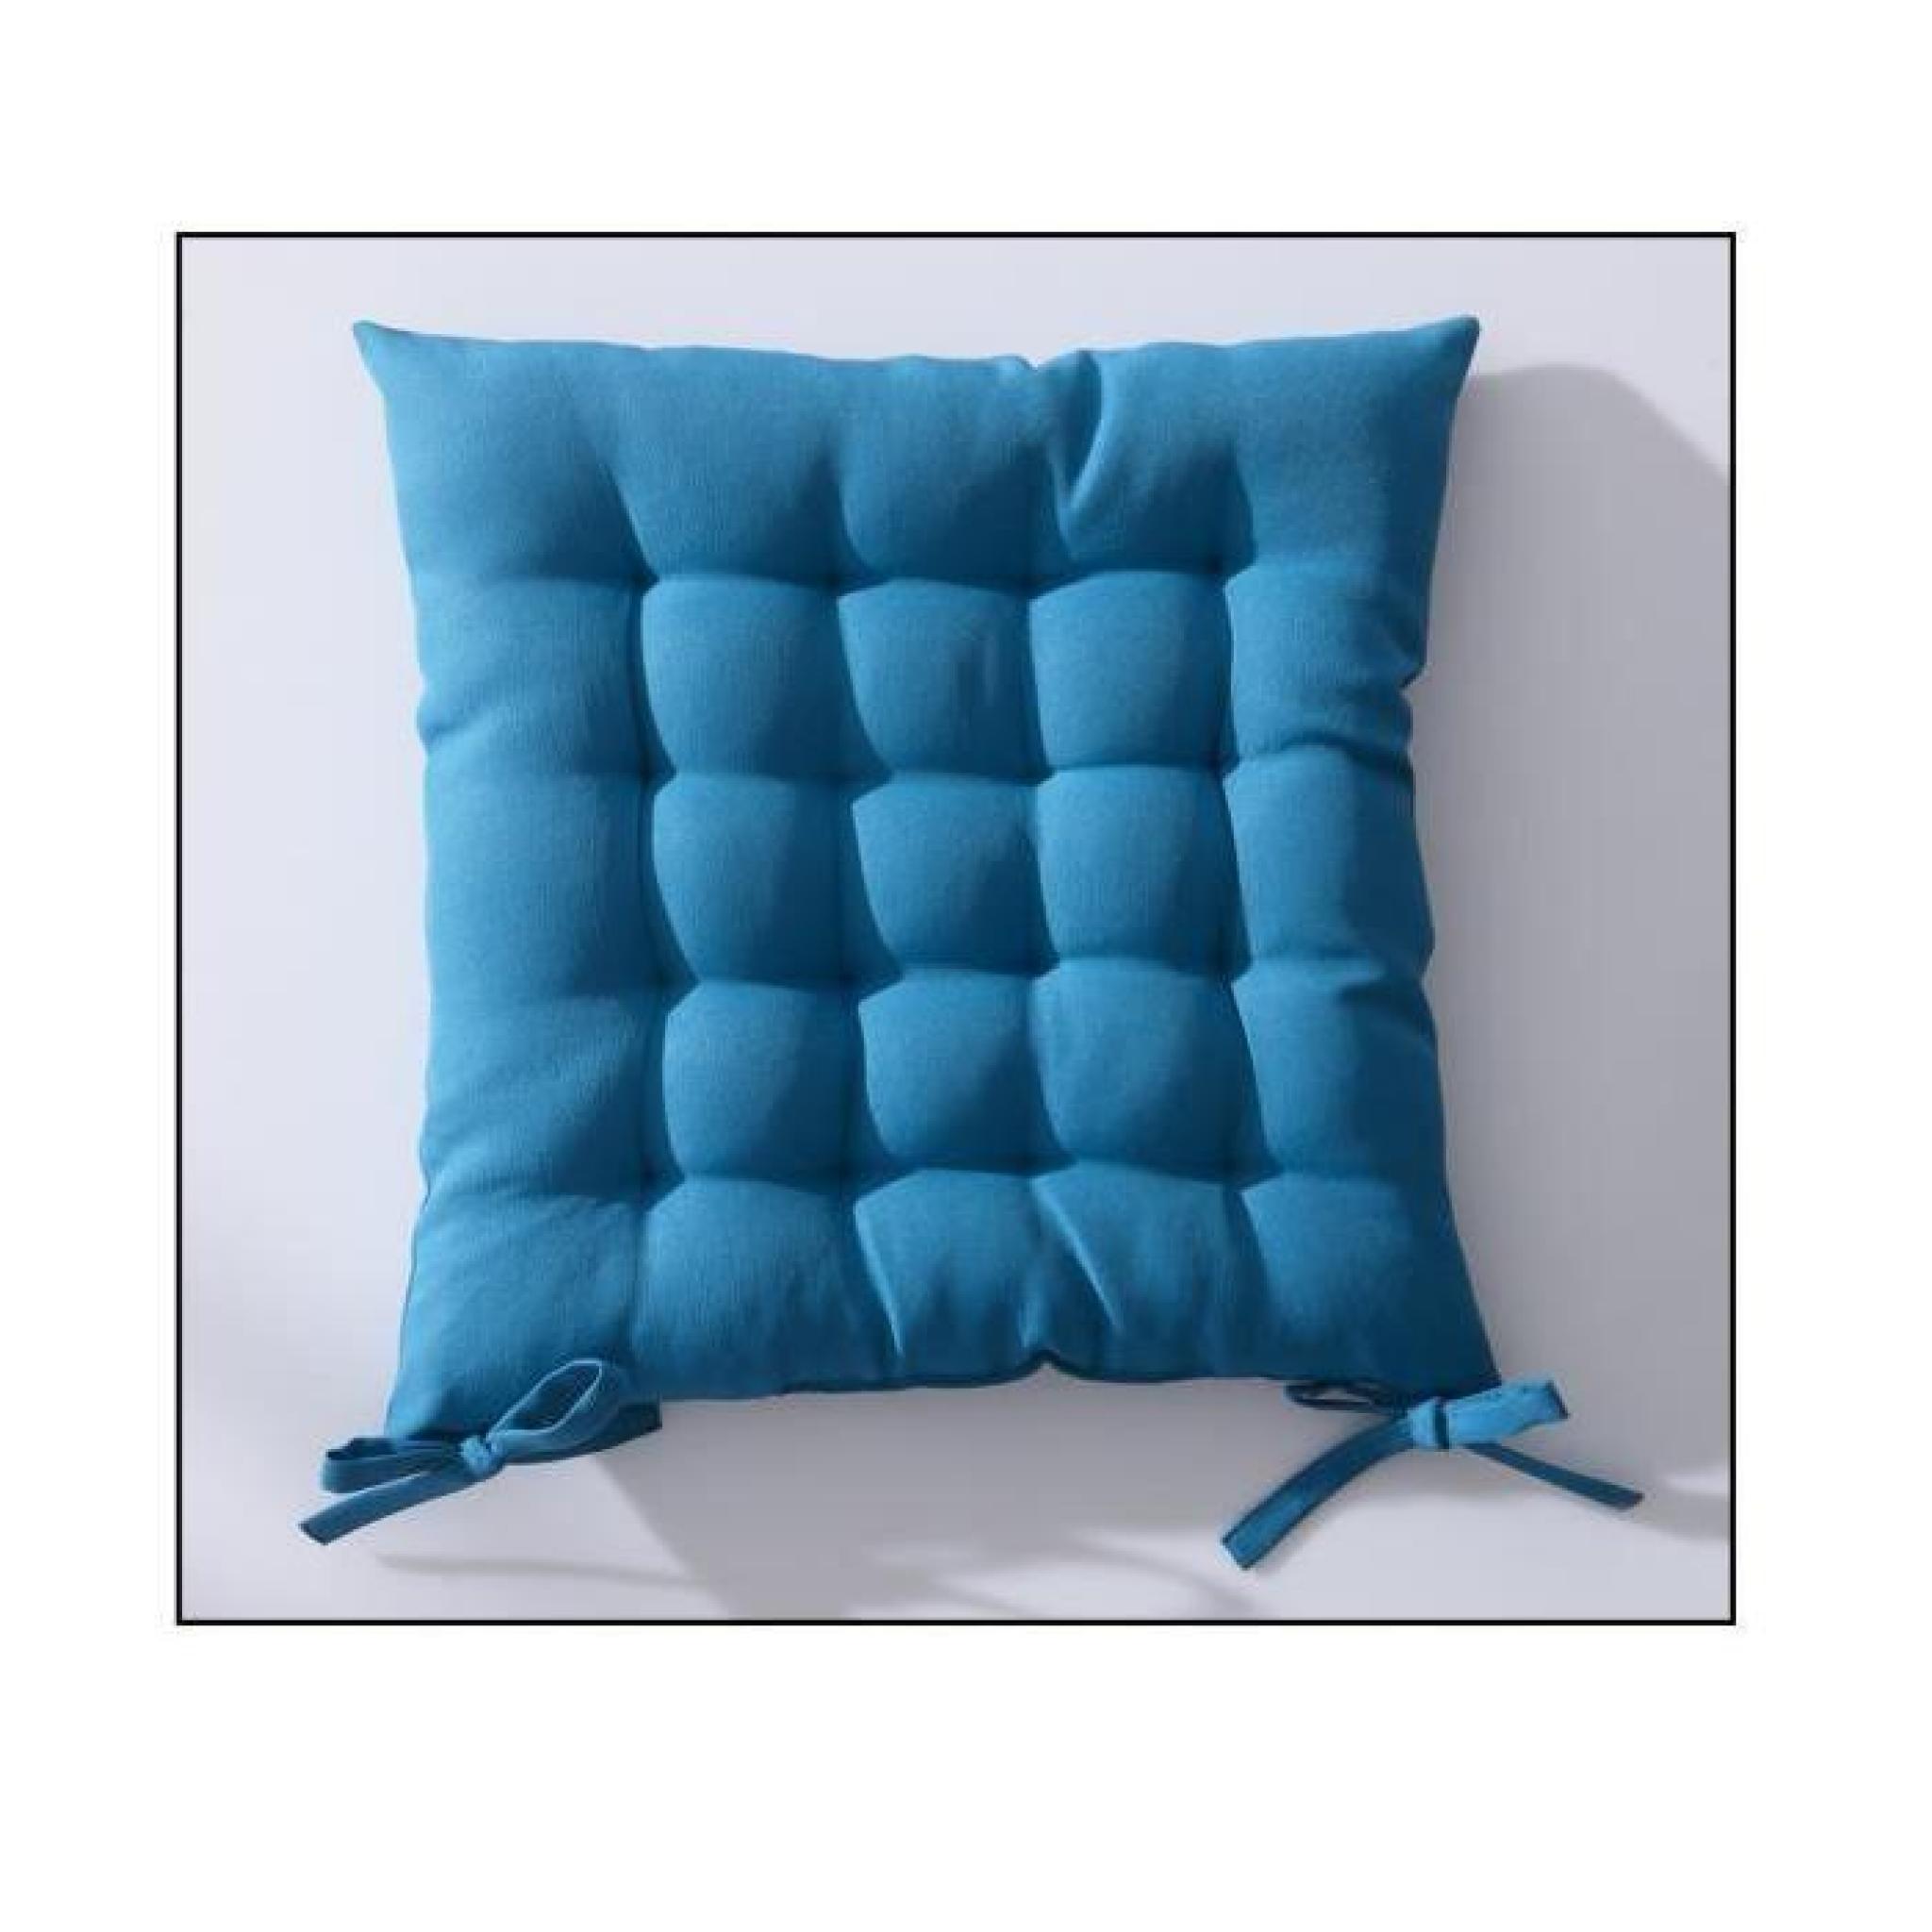 galette de chaise 40x40 cm matelass mer du sud achat vente coussin chaise de jardin pas cher. Black Bedroom Furniture Sets. Home Design Ideas